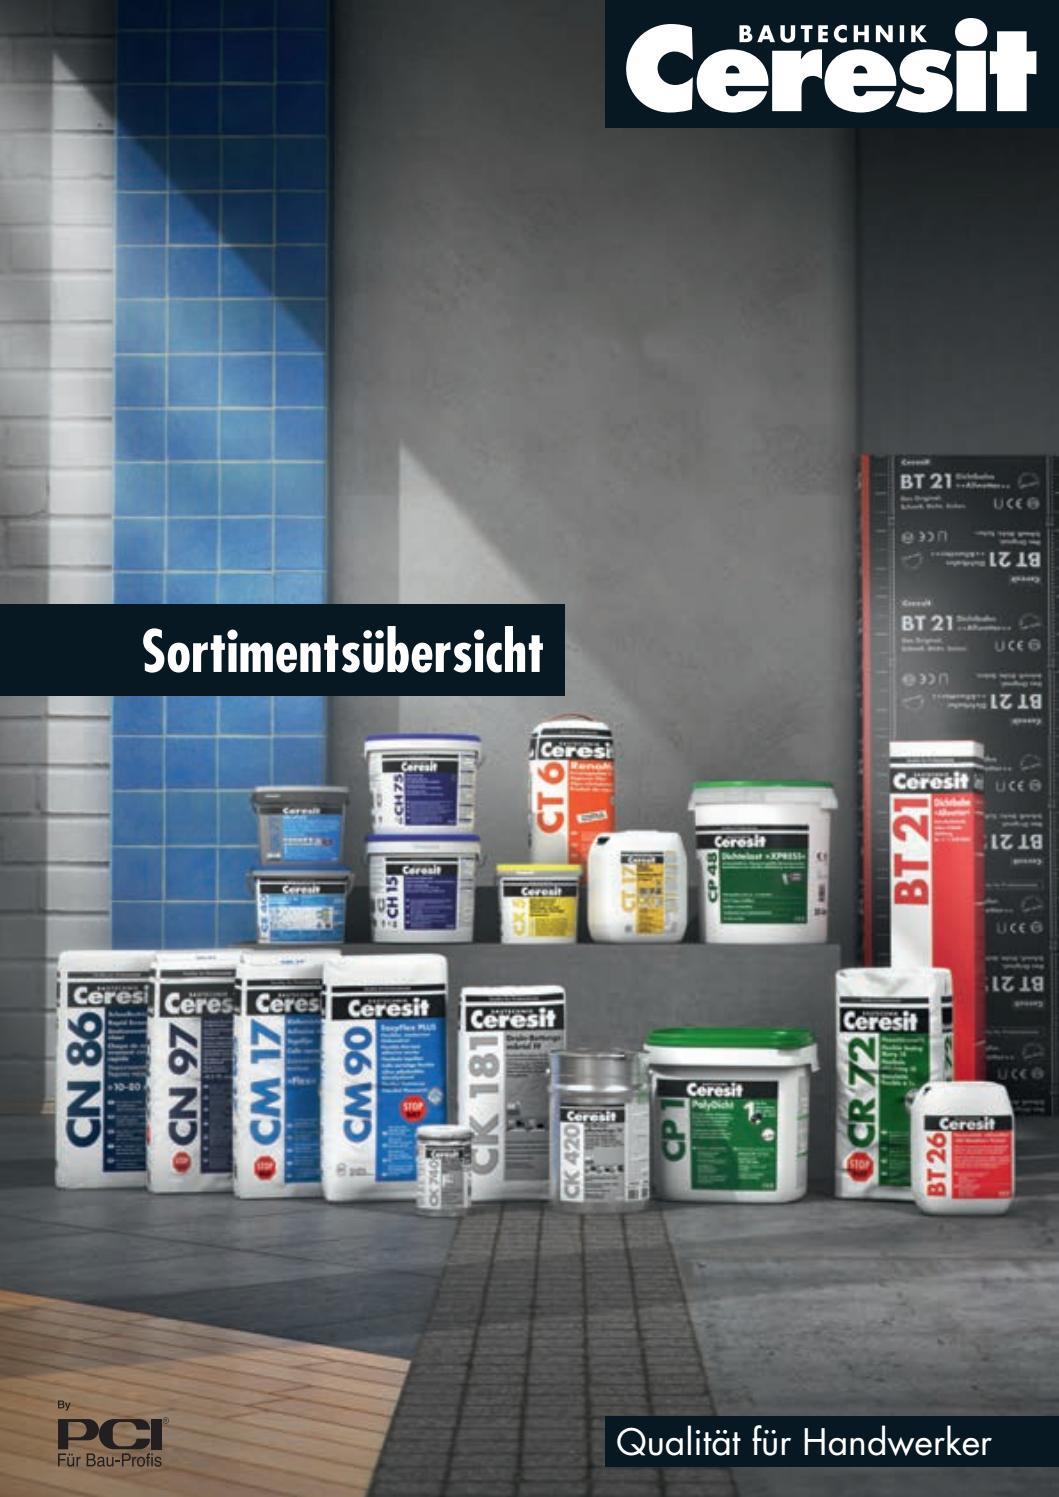 Ceresit Bautechnik: Sortimentsübersicht by Ceresit Bautechnik - issuu